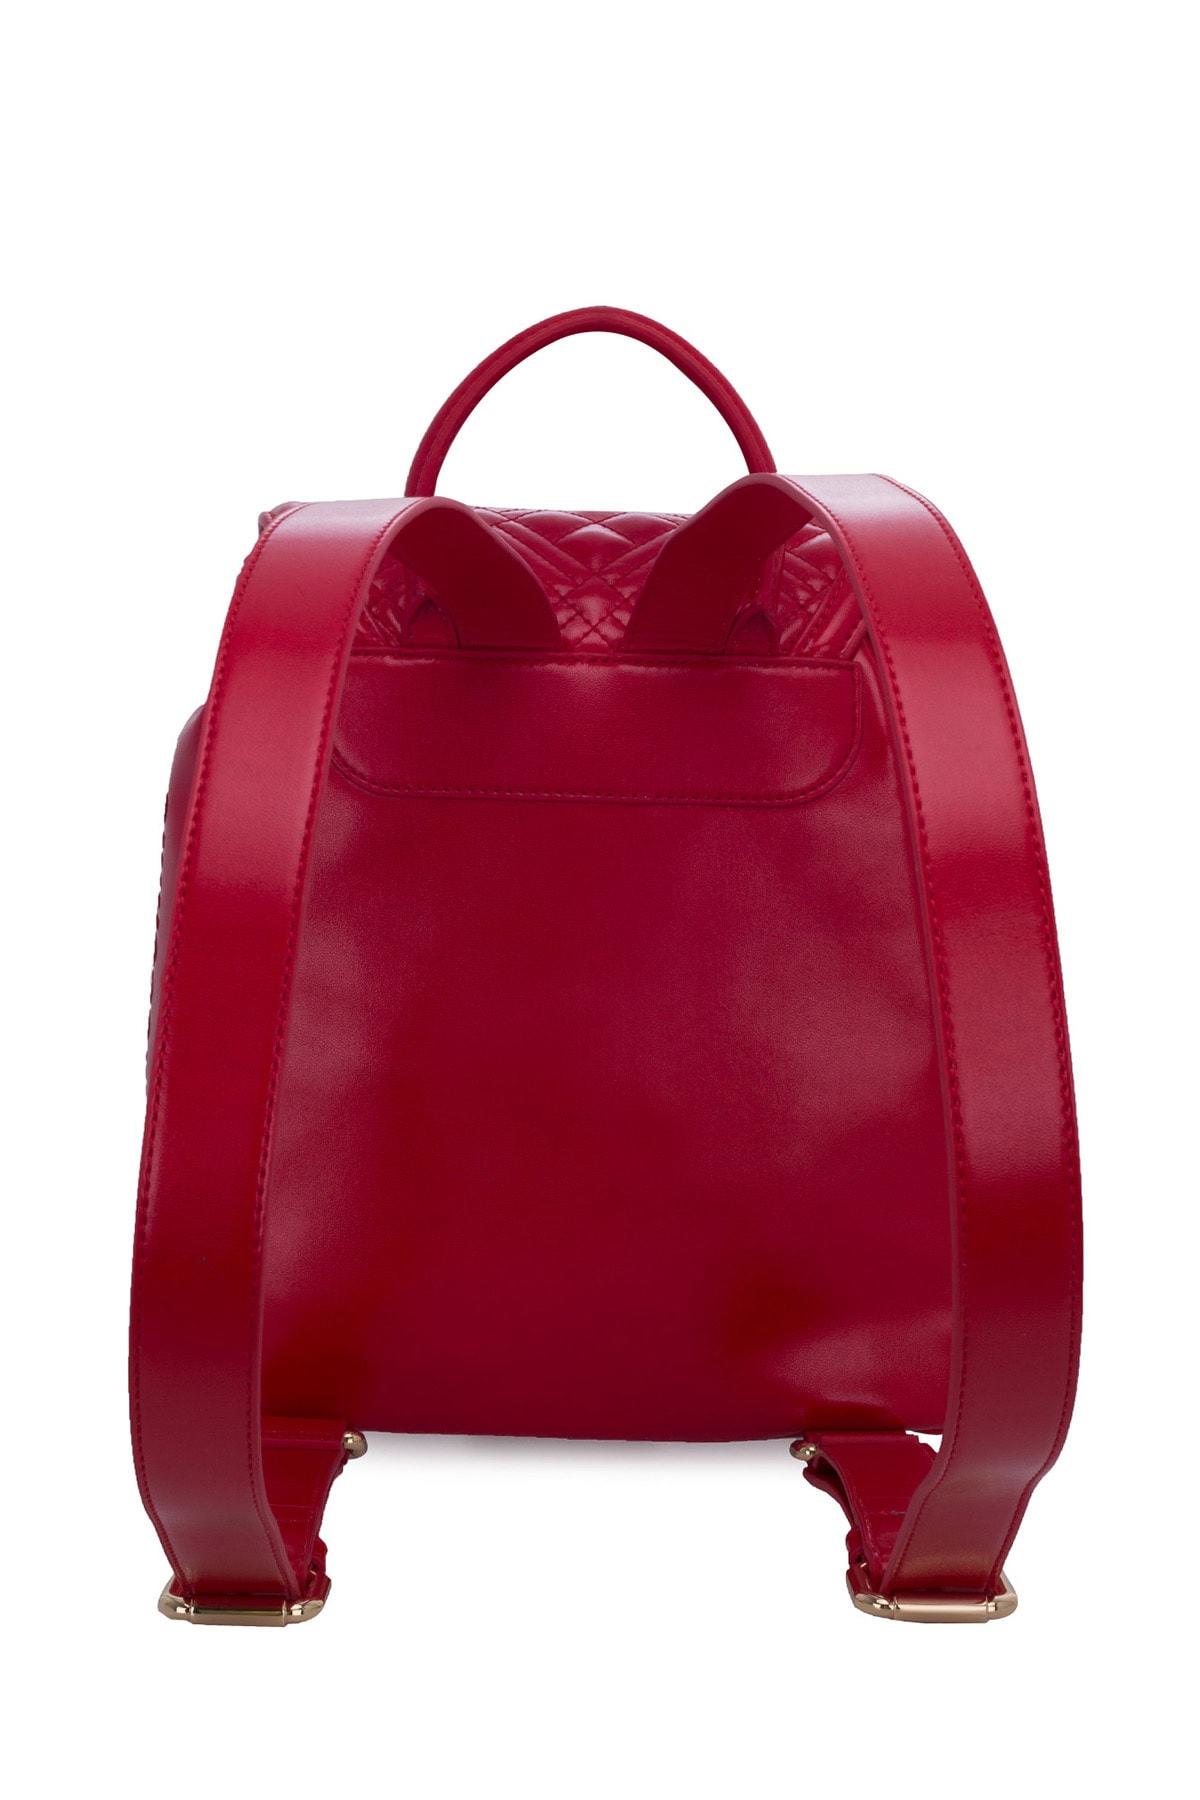 Love Moschino Kadın Kırmızı Logo Baskılı Ayarlanabilir Askılı Çanta Çanta Jc4012pp1bla0500 2